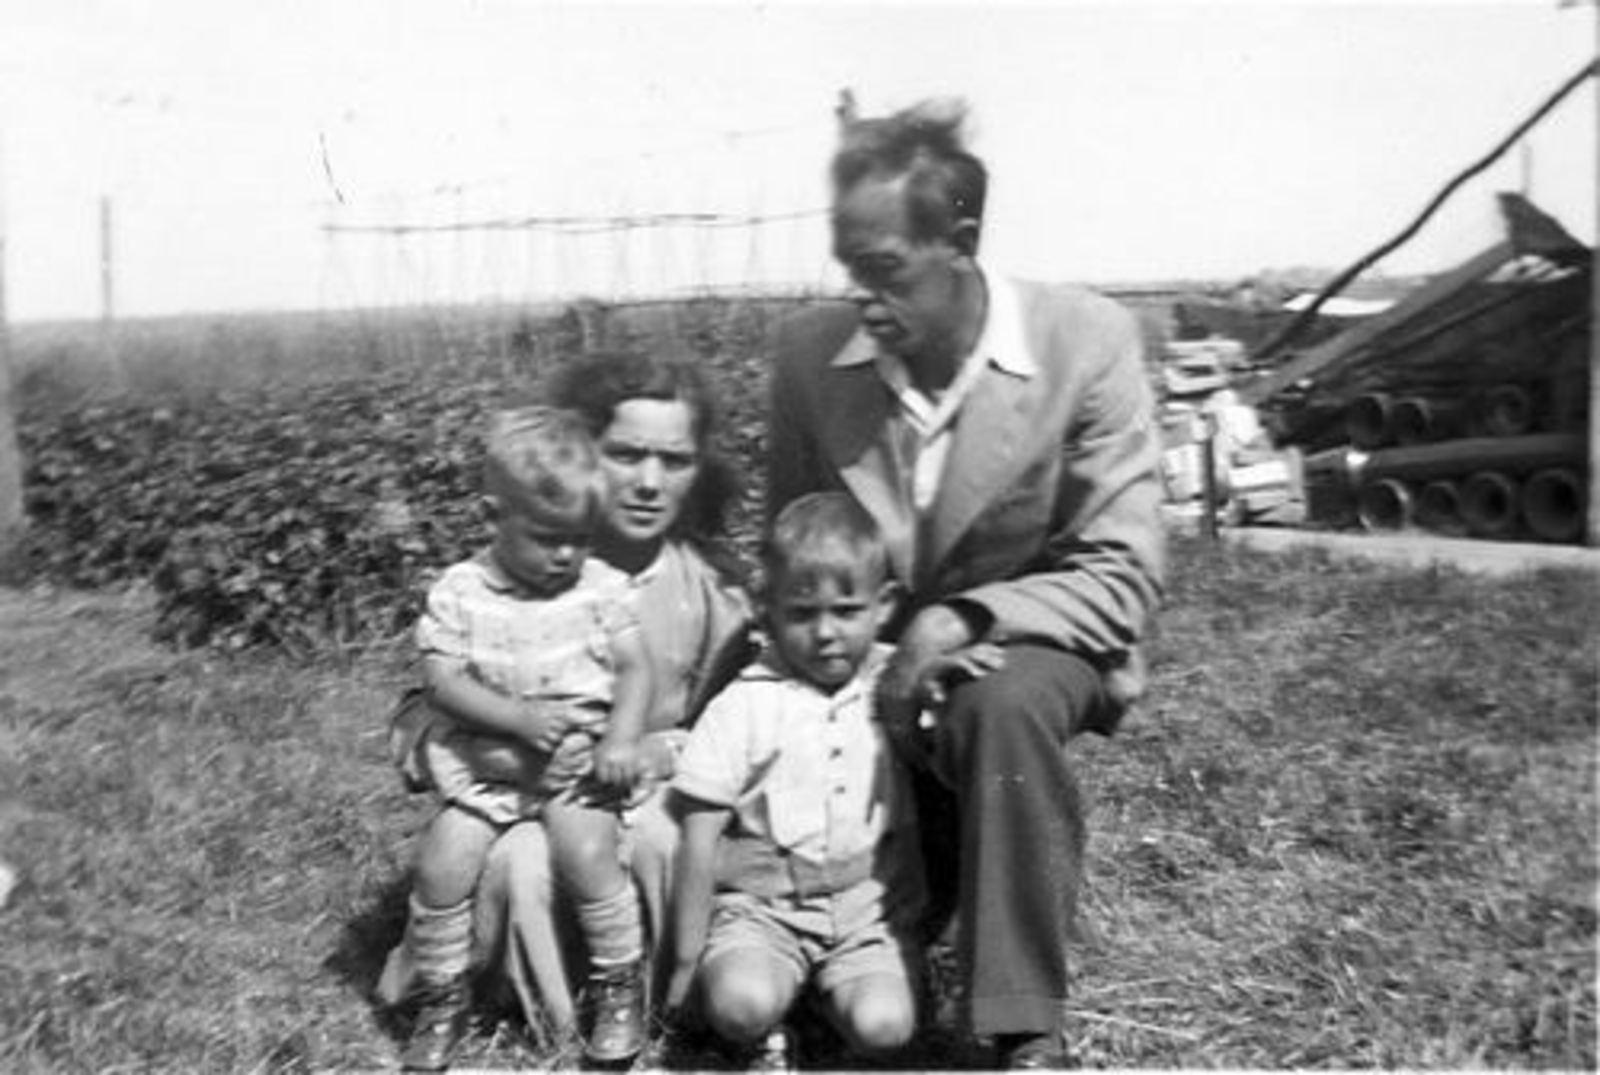 Vijfhuizerweg 0199+ 1947± met Familie Bram Stieva 08